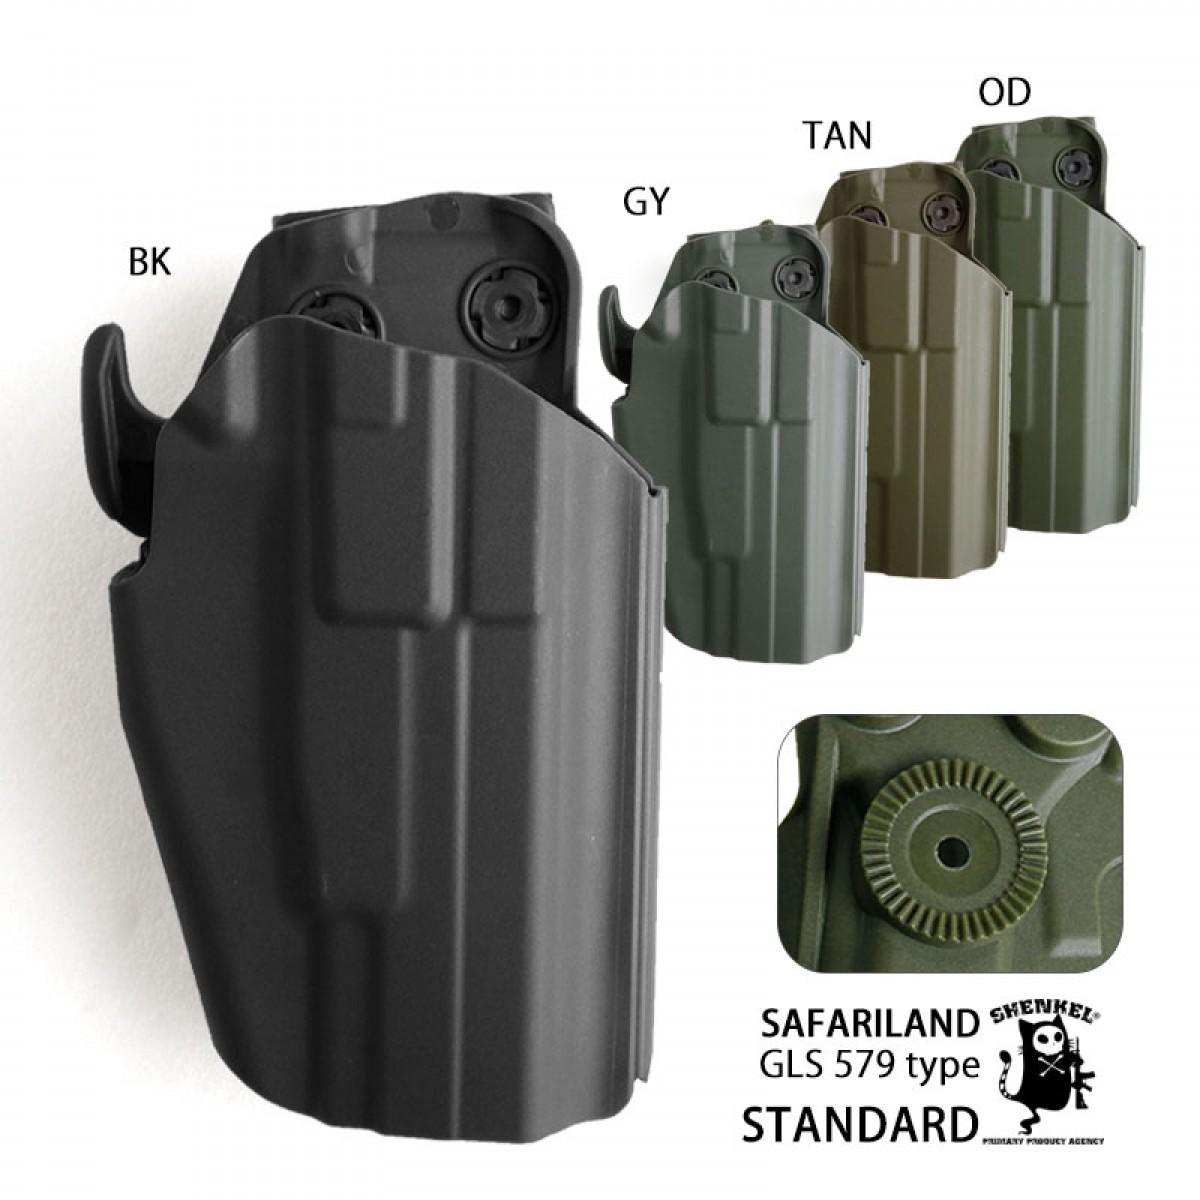 SHENKEL サファリランド 579 GLS タイプ ハンドガン用 ホルスター スタンダード   Gen2 角度調整ダイヤル OD/BK/TAN/GY